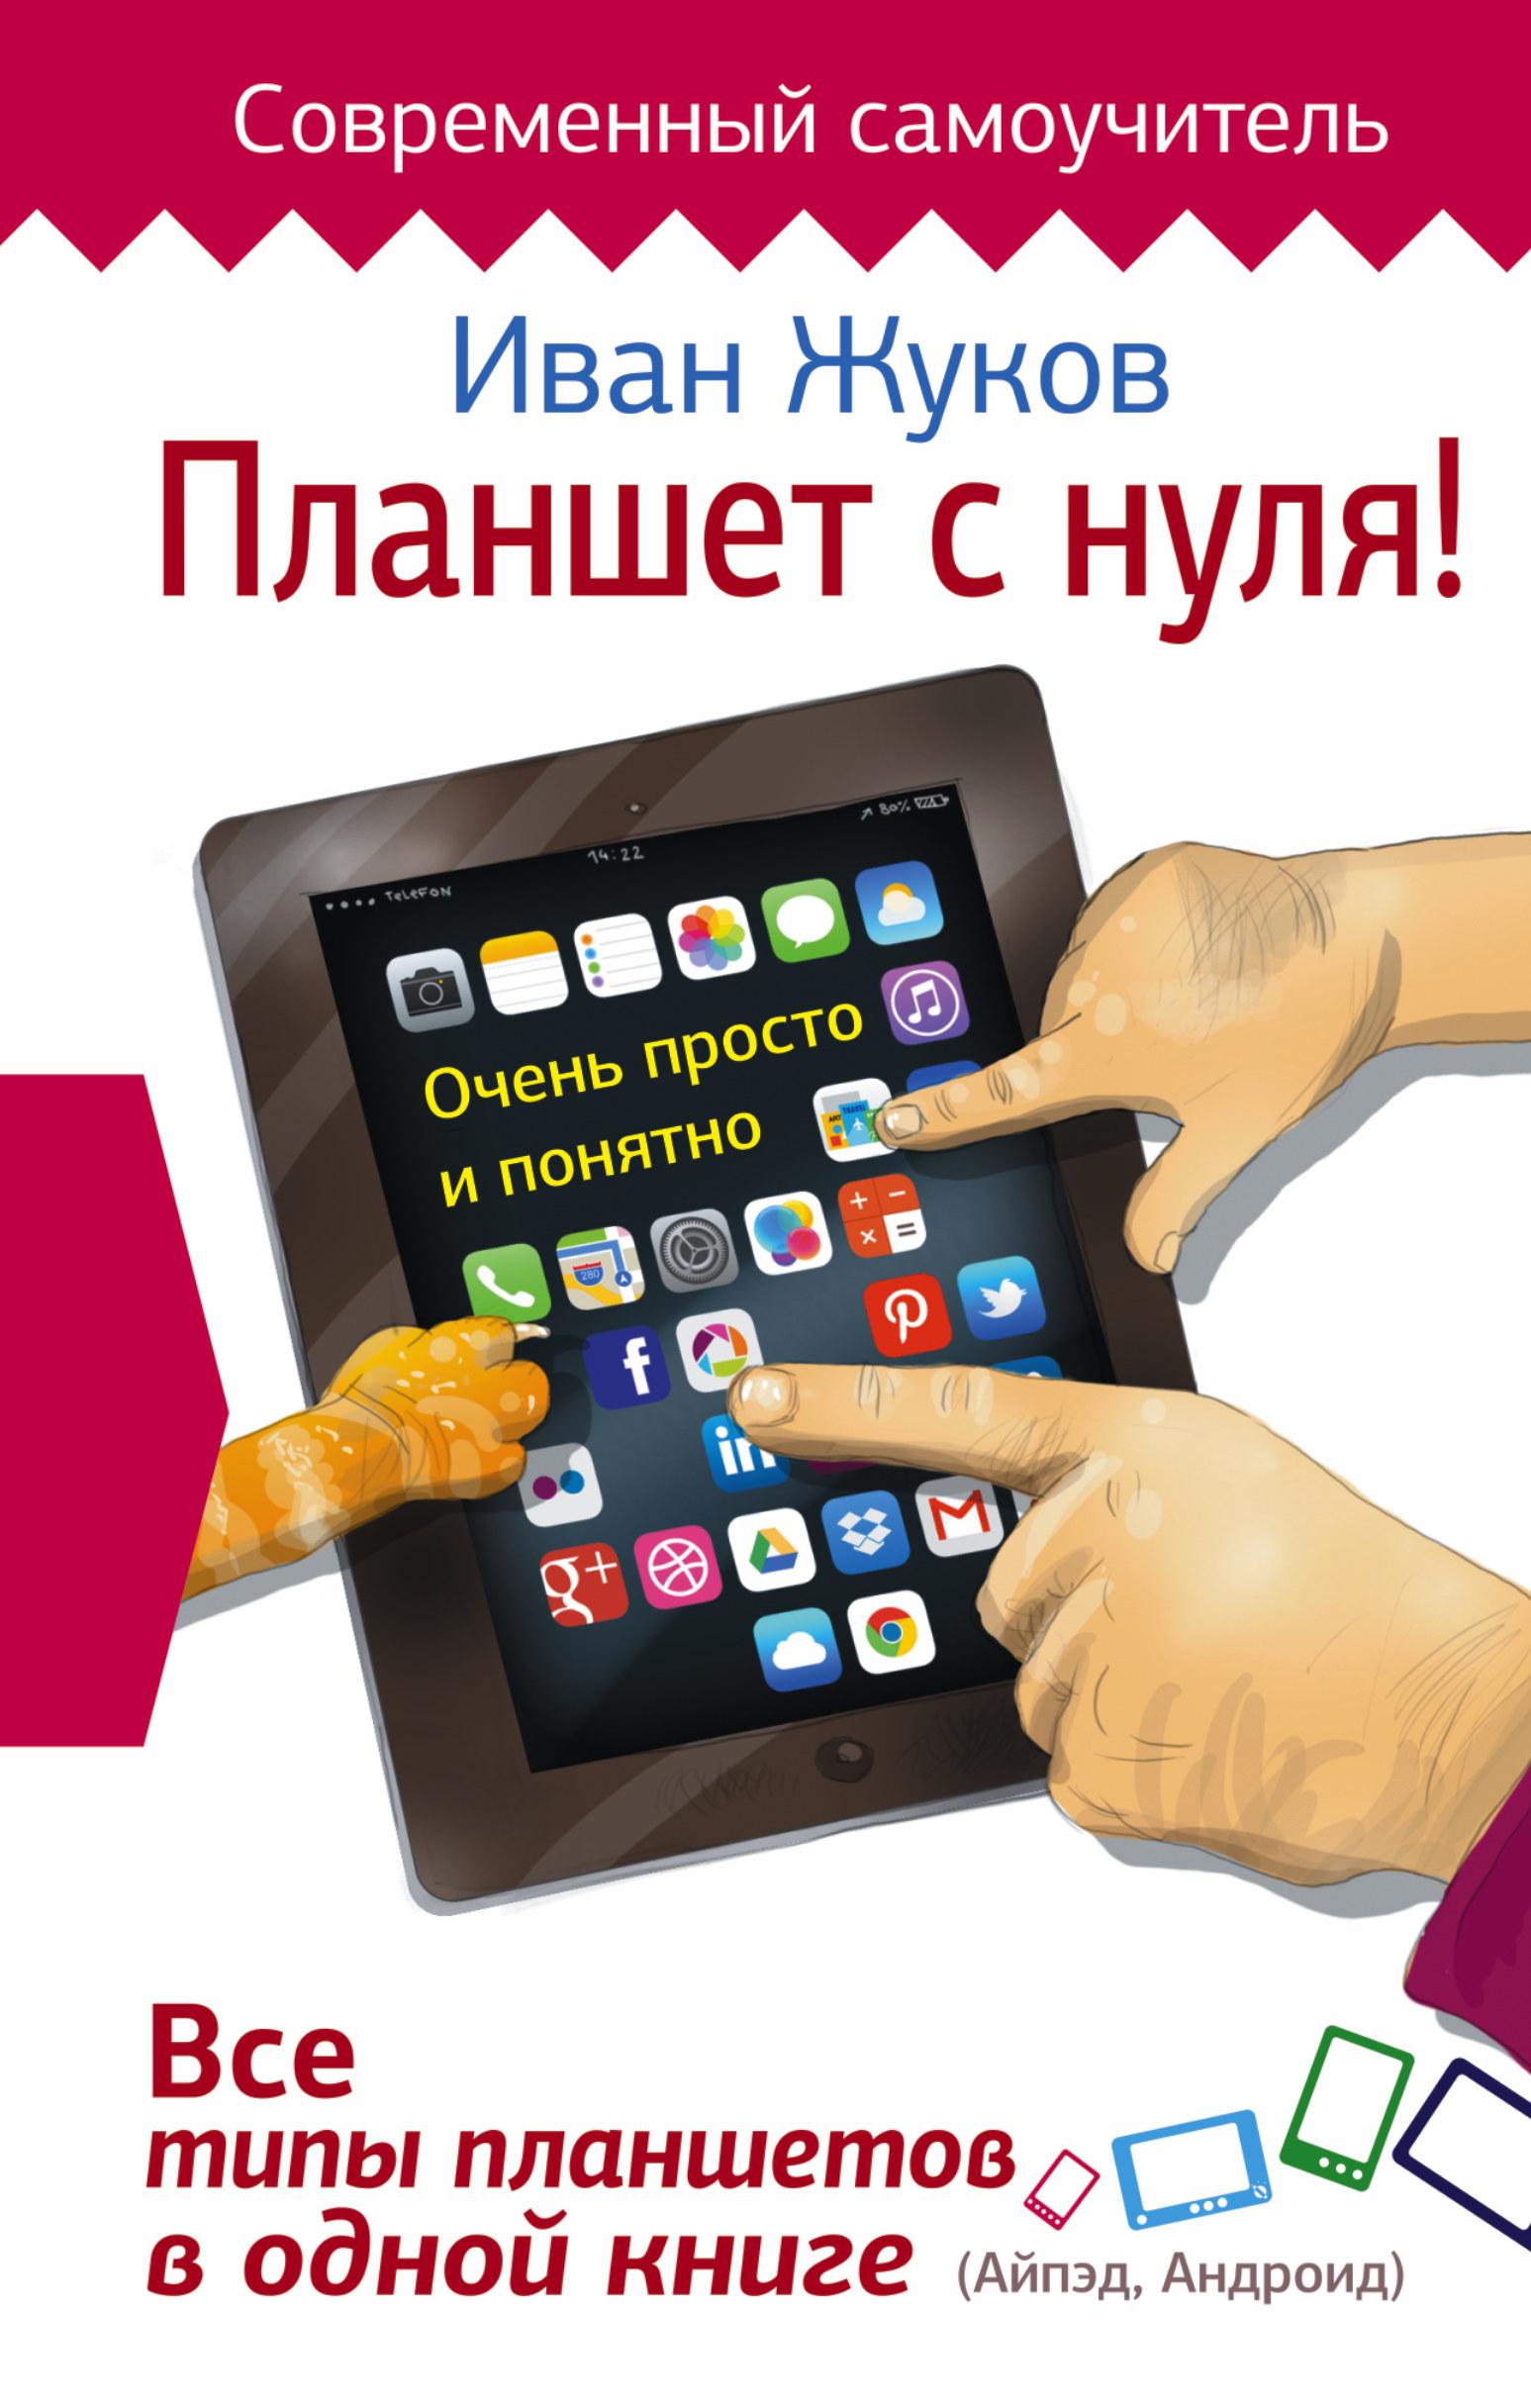 Планшет с нуля! Все типы планшетов в одной книге (Айпед и Андроид)